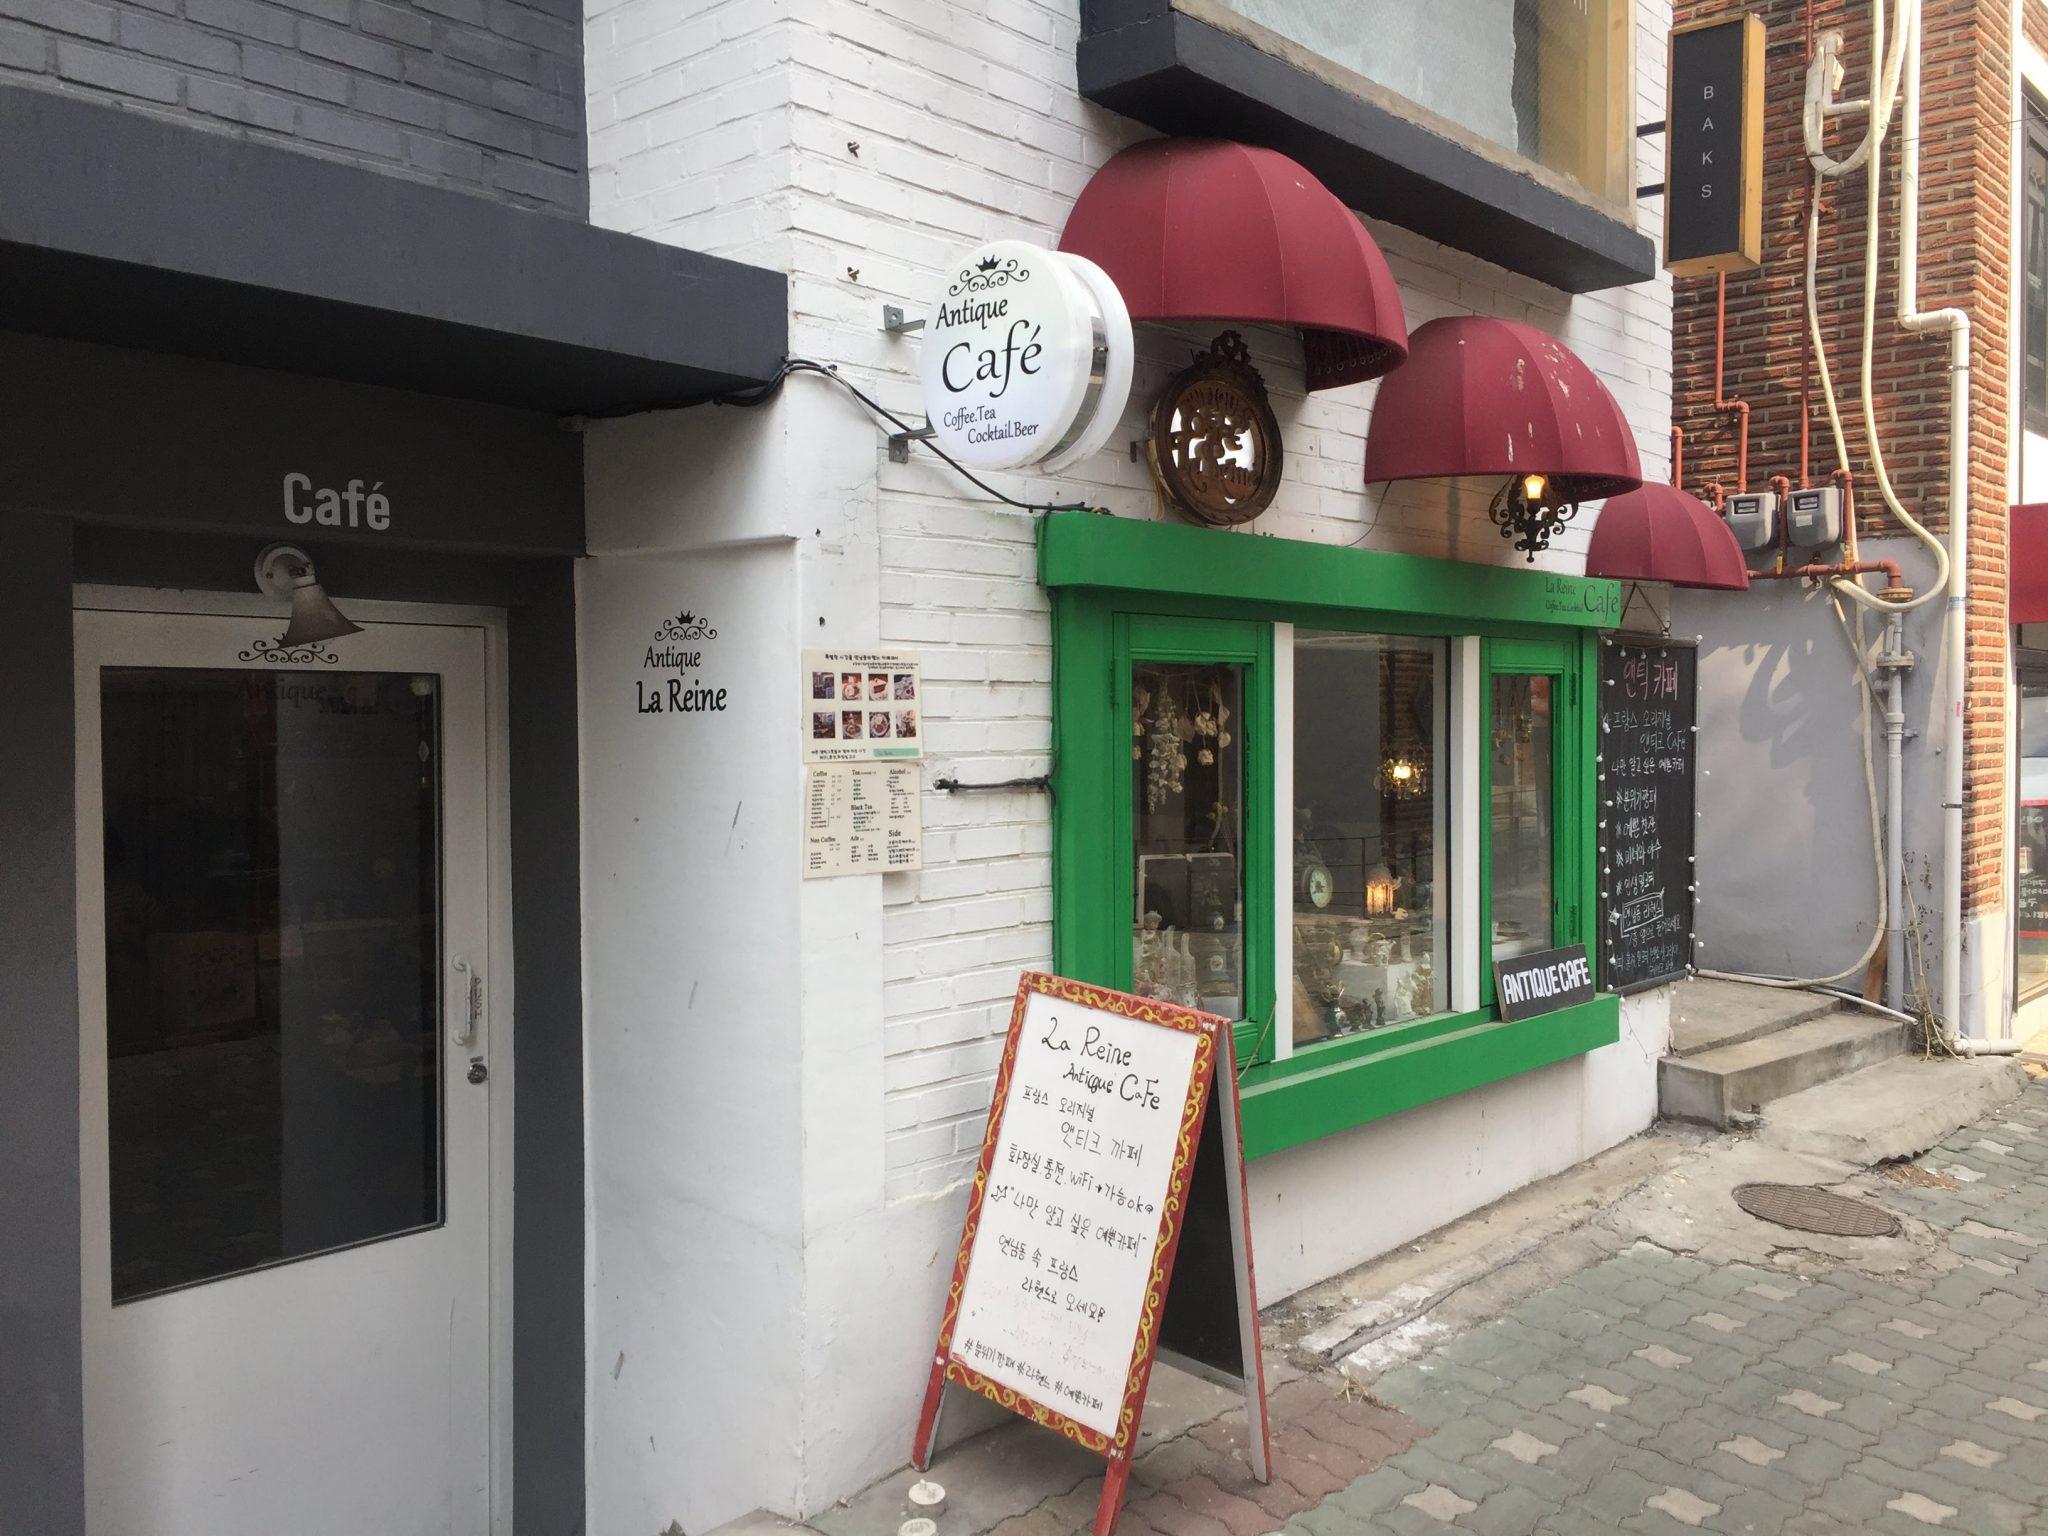 【韓国おしゃれカフェ】延南洞のアンティークカフェ<앤틱Cafe라헨느/Cafe Lareine>、狭さが居心地いいカフェでした。